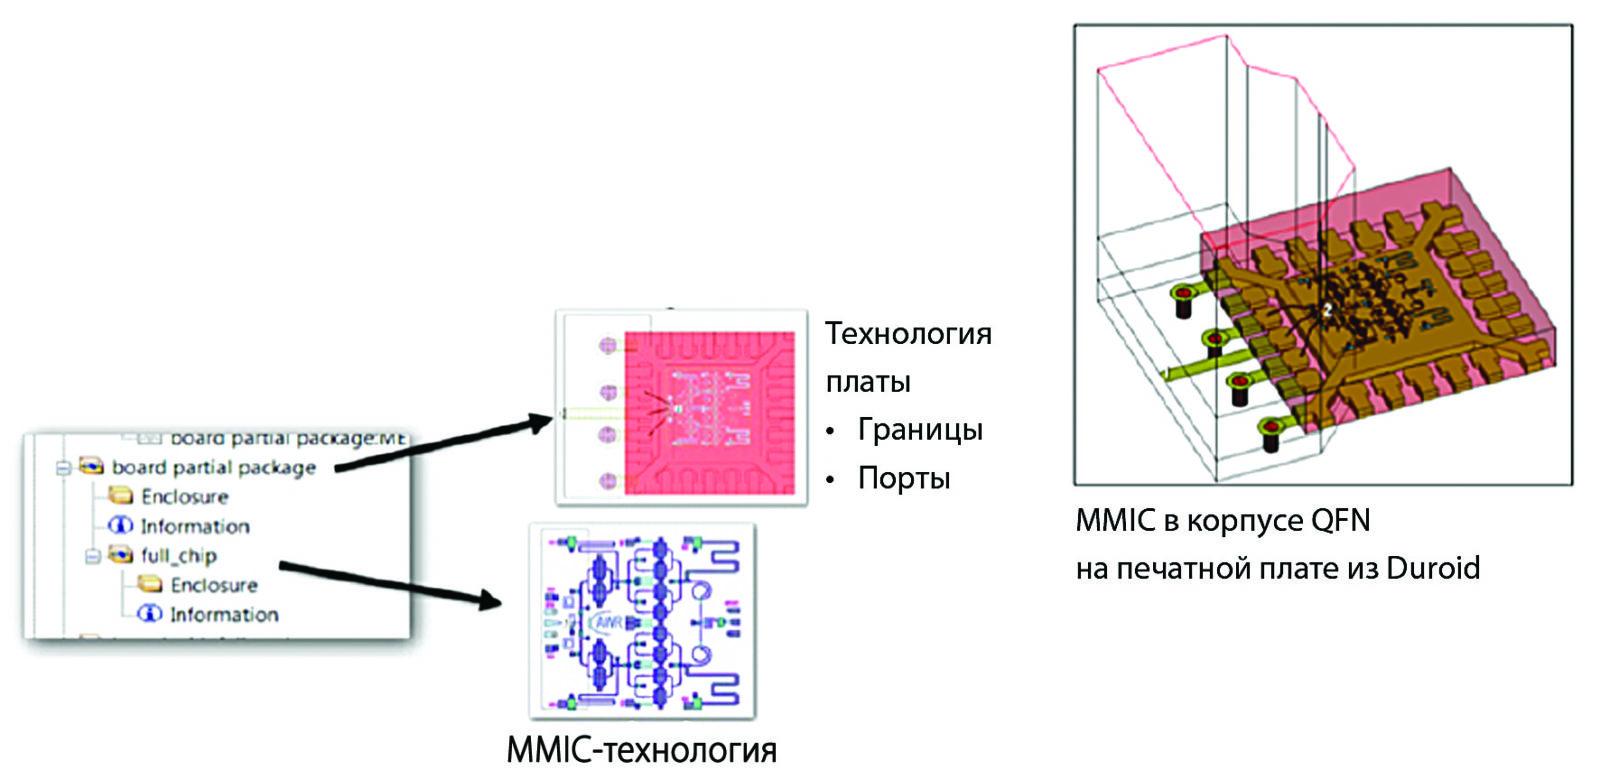 Мультитехнологичная схема MMIC в корпусе QFN, выполненная на печатной плате из фольгированного изоляционного материала марки Duroid. Используются три технологии